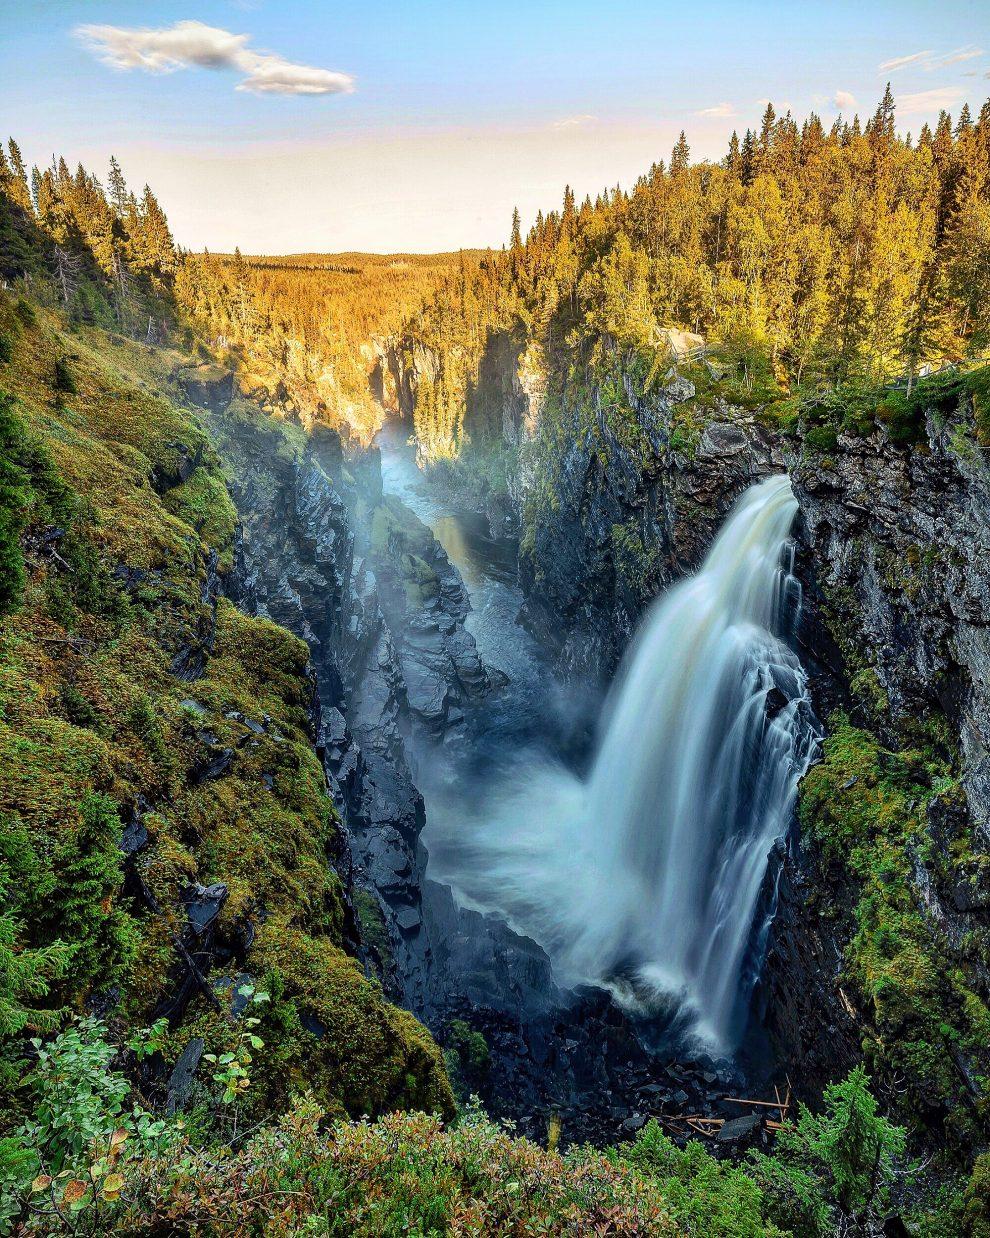 Vakantie in de wildernis van Zweden - Hällingsåfallet, Vildmarksvägen, Wilderness Road Zweden, op vakantie in Jamtland.